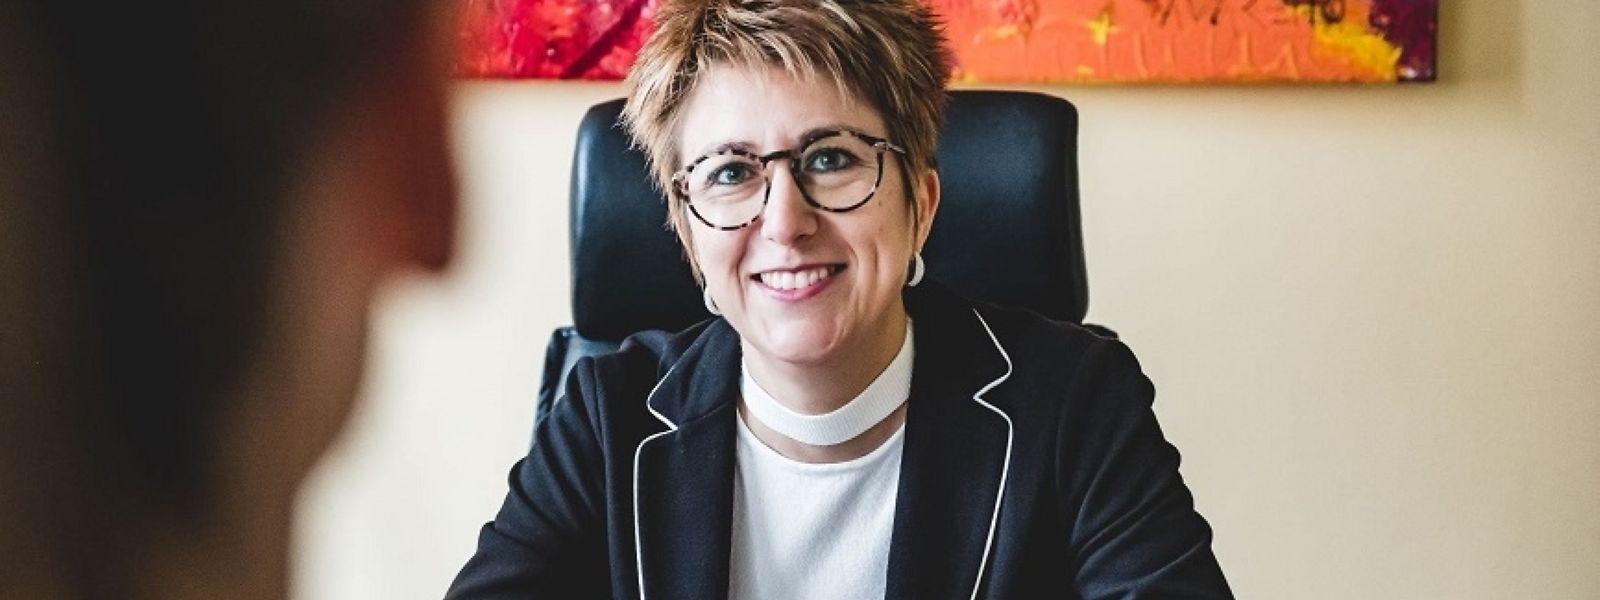 Nathalie Morgenthaler bemängelt, dass den Empfehlungen, die vom CET in den Jahresberichten formuliert wurden, fast nie Folge geleistet wurde.